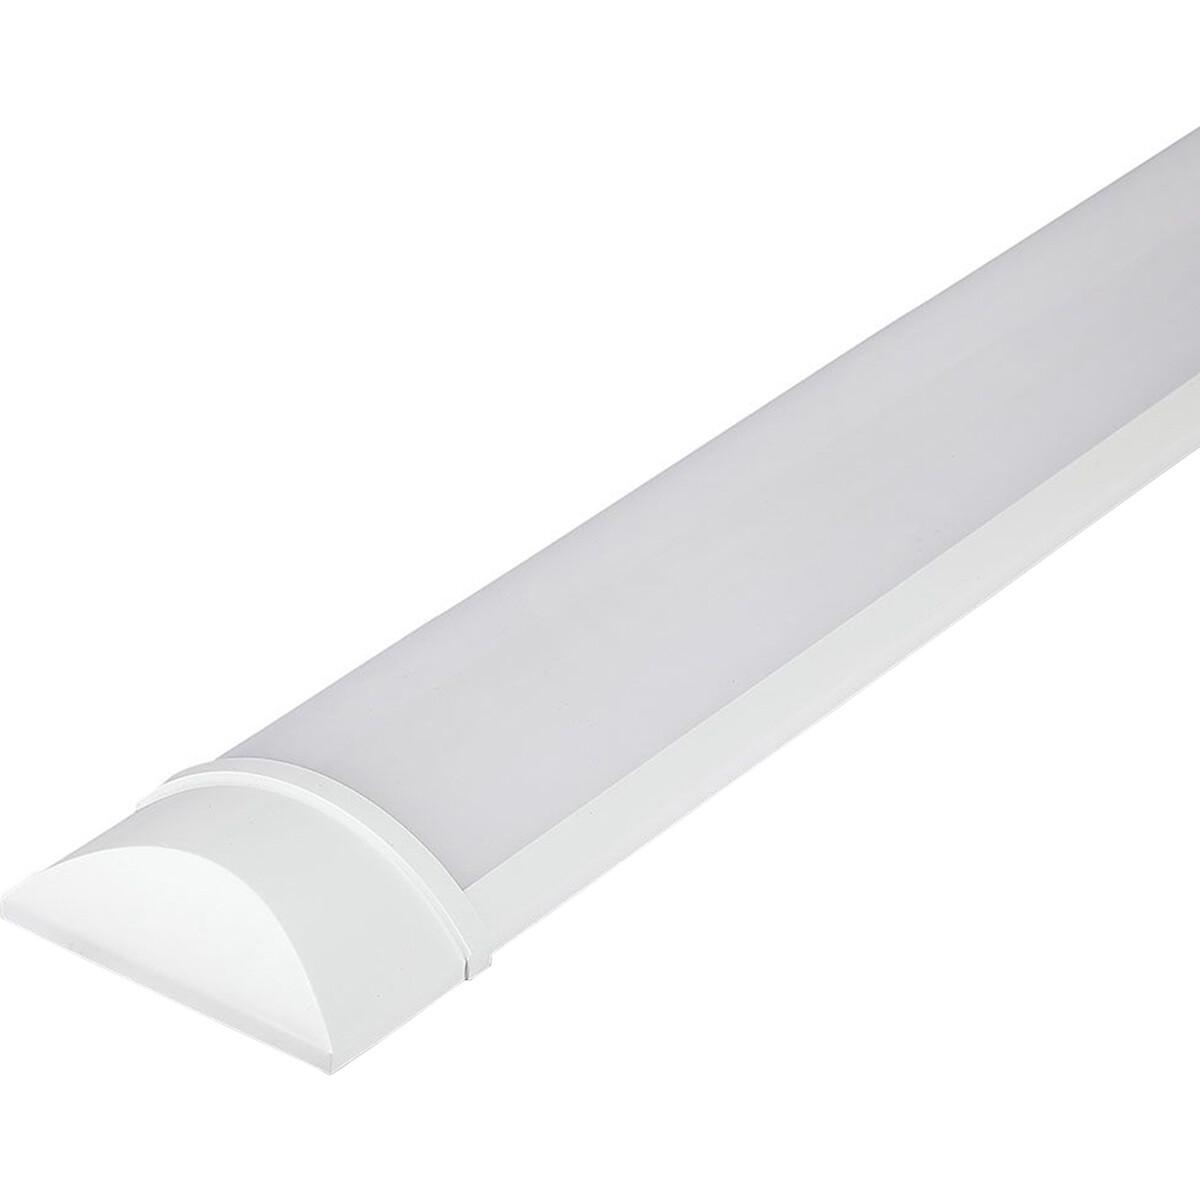 SAMSUNG - LED Balk - Viron Lavaz - 40W High Lumen - Natuurlijk Wit 4000K - Mat Wit - Kunststof - 120